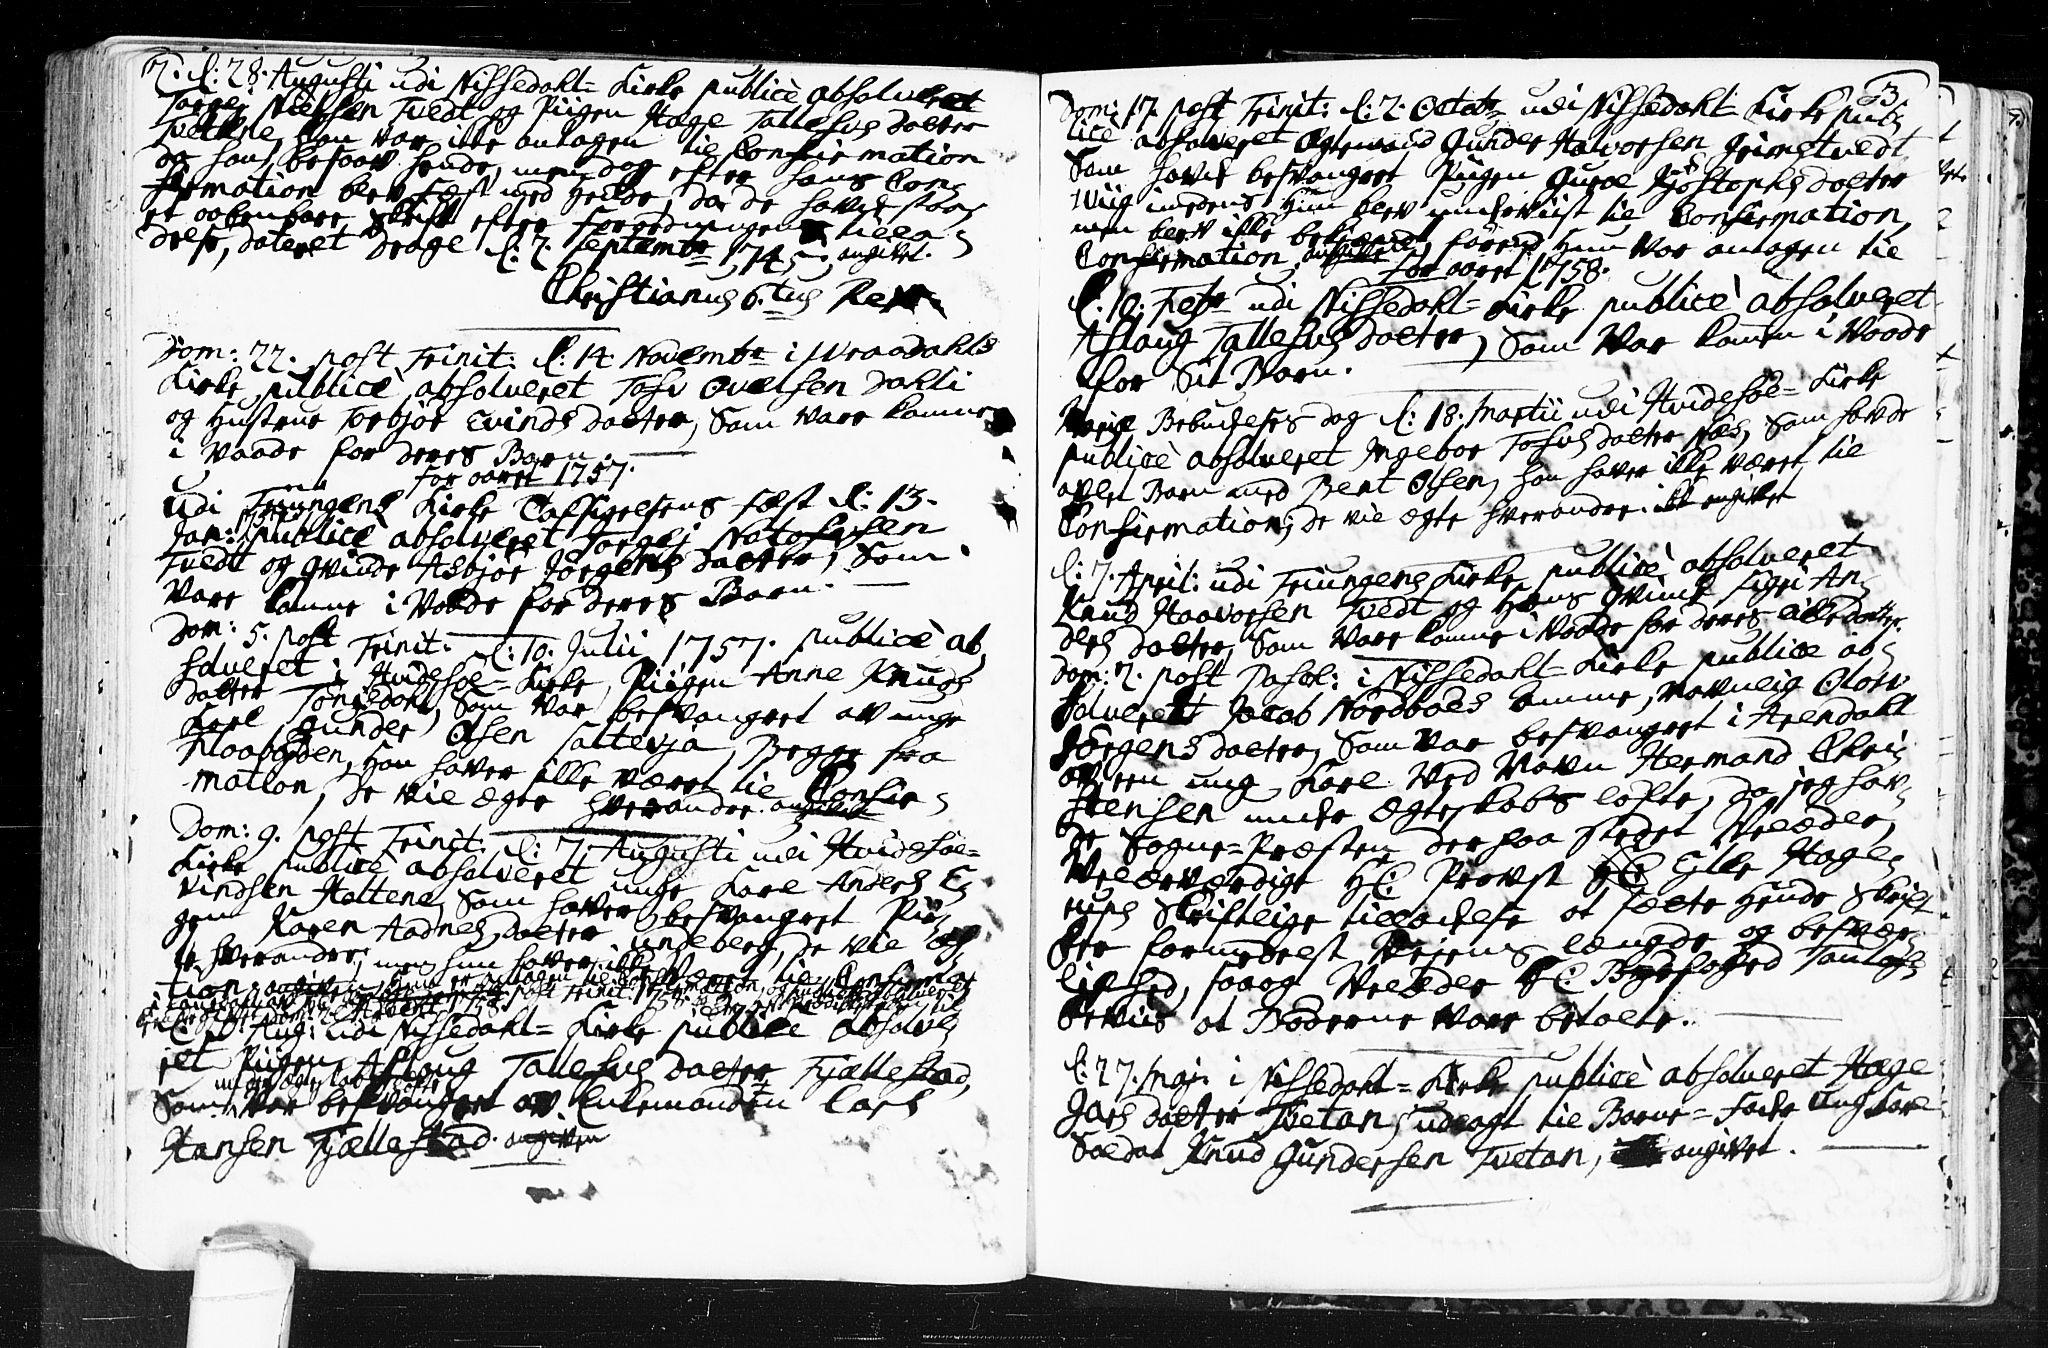 SAKO, Kviteseid kirkebøker, F/Fa/L0001: Ministerialbok nr. I 1, 1754-1773, s. 2-3